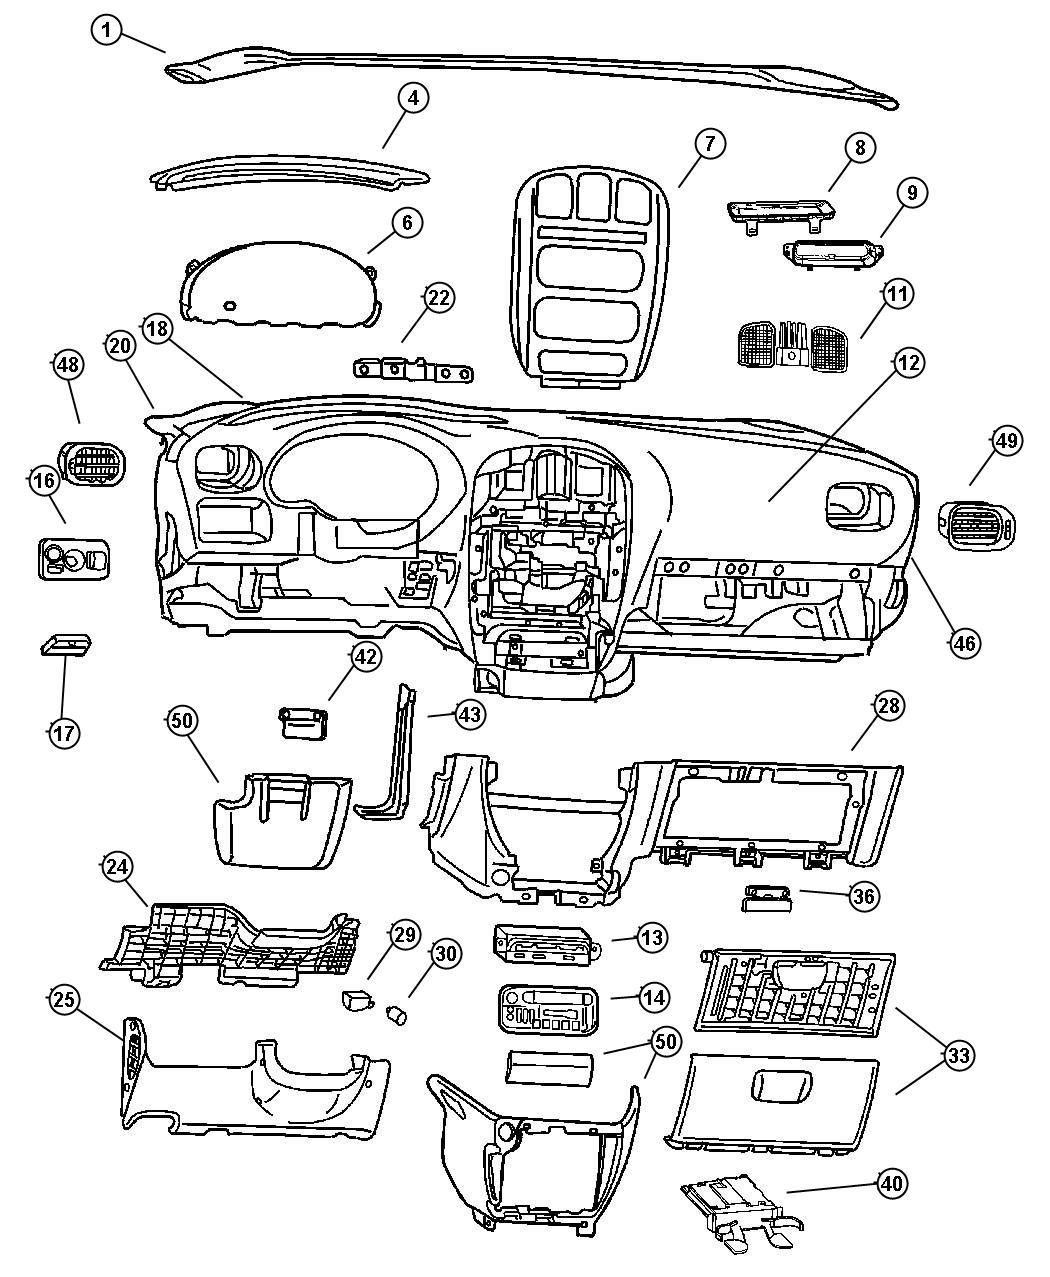 Dodge Grand Caravan Bezel Instrument Panel Over